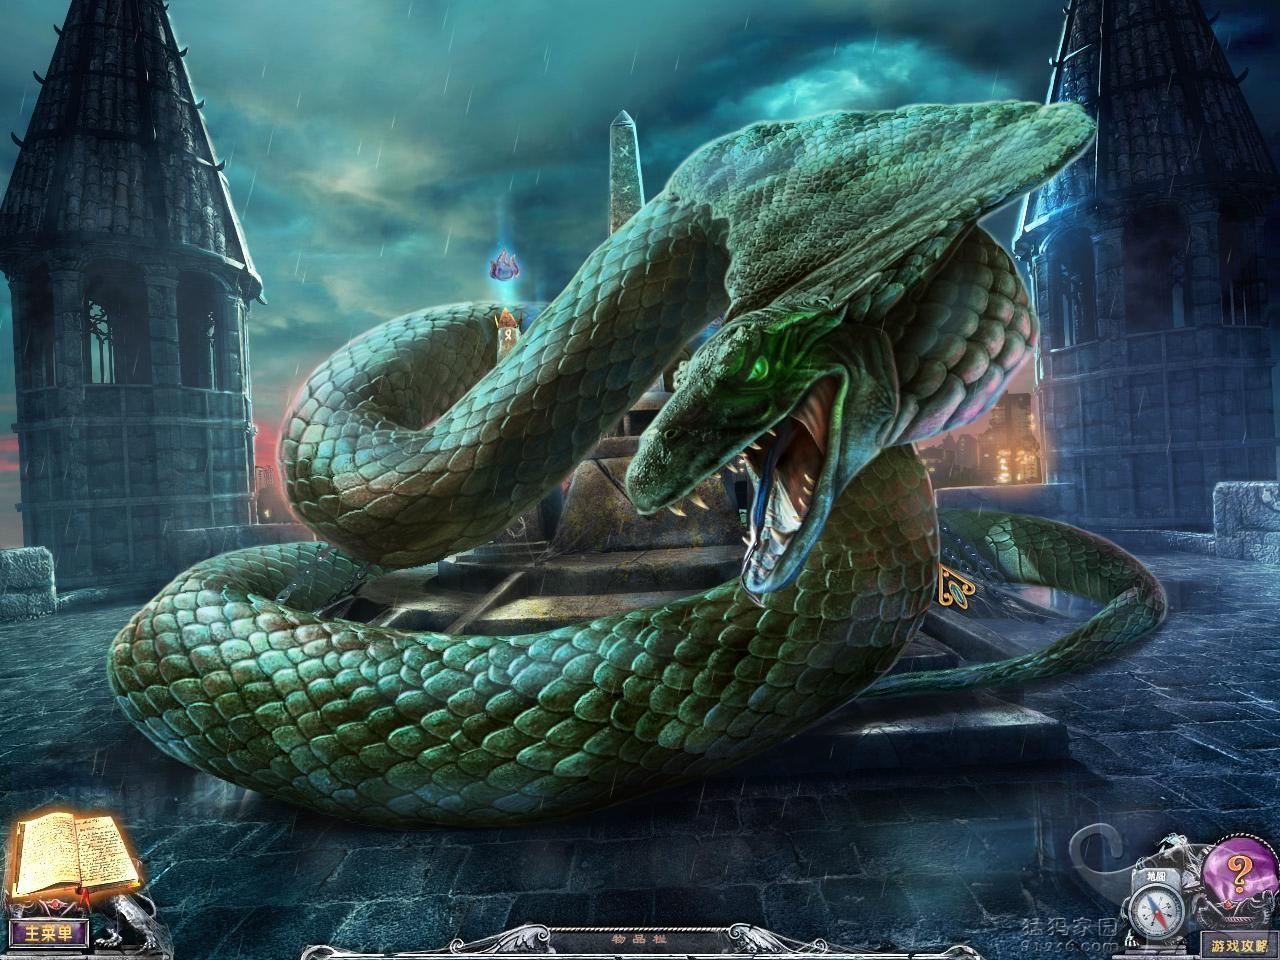 《千户之屋3:巨蛇烈焰》免安装中文绿色版